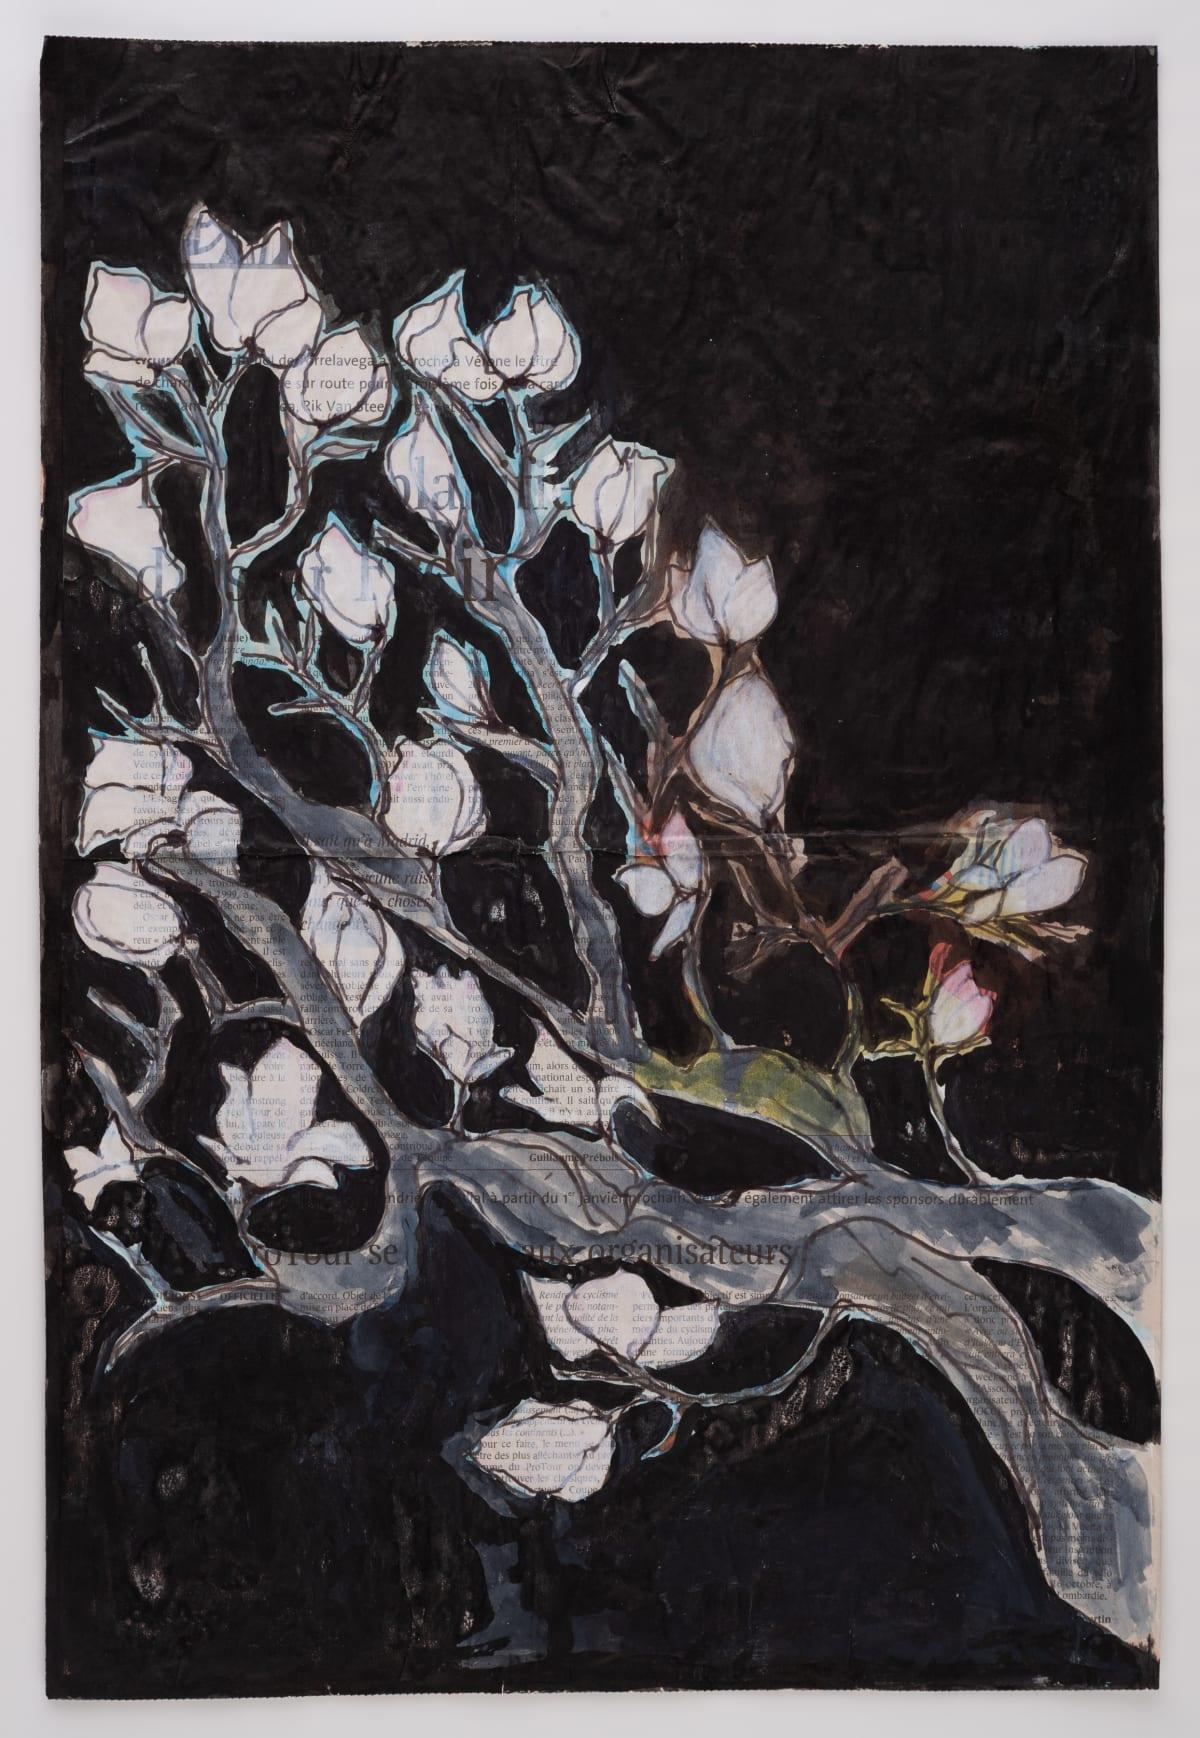 Yvette Taminiau, Night Flowers, 2004